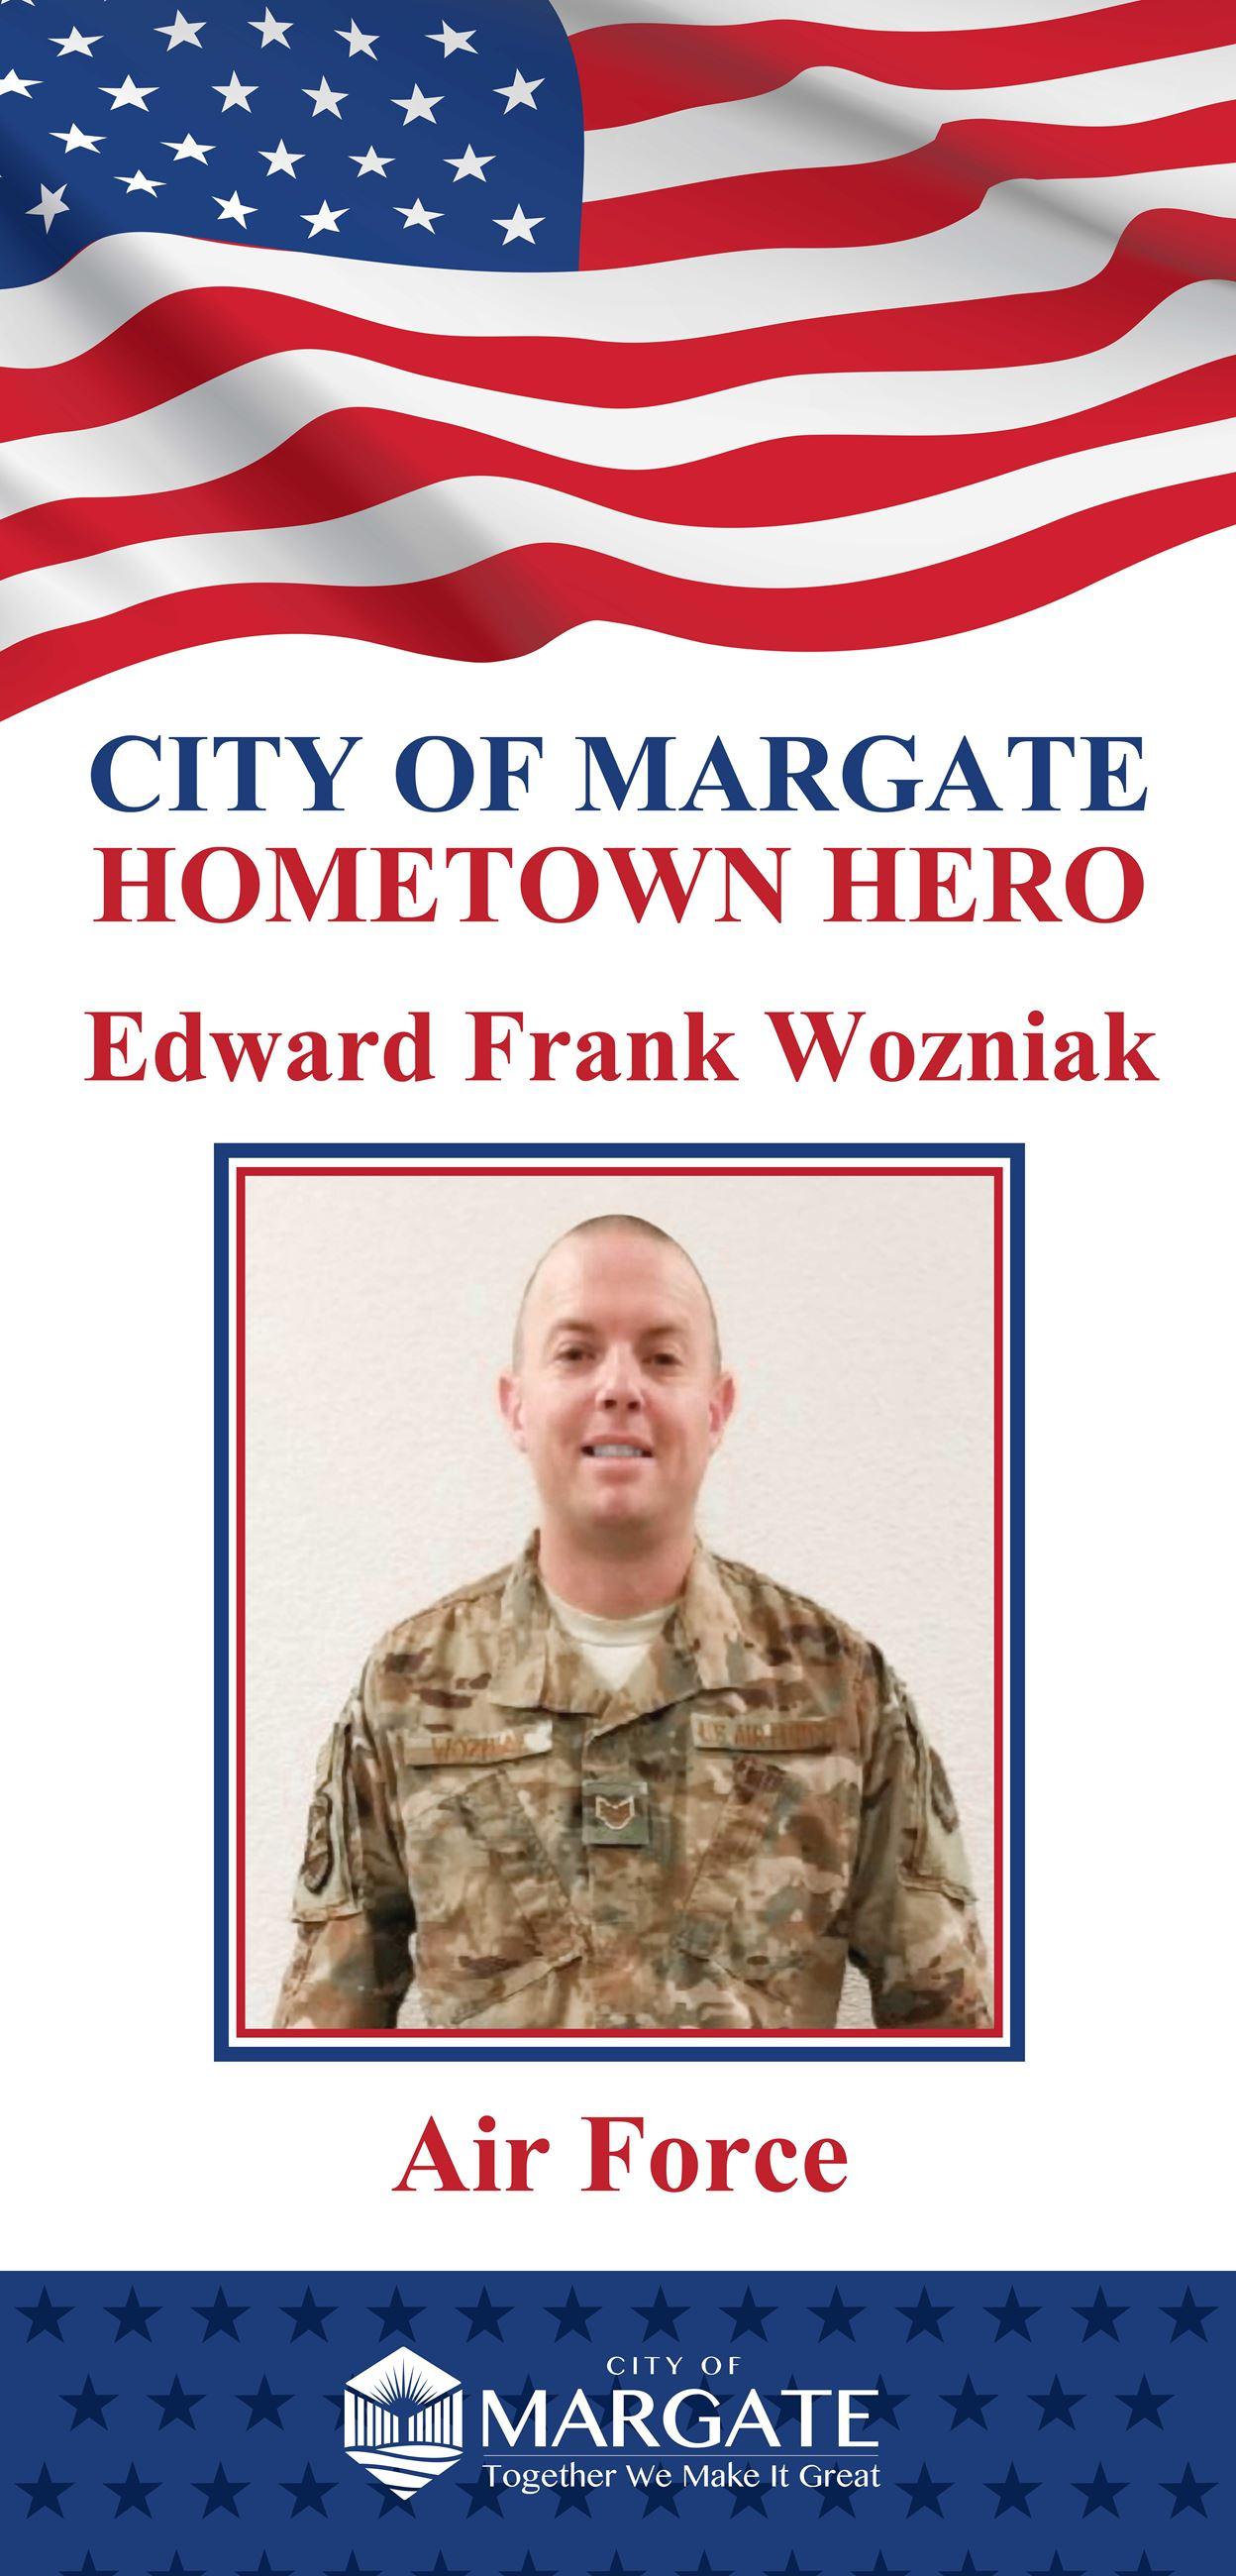 Edward Frank Wozniak